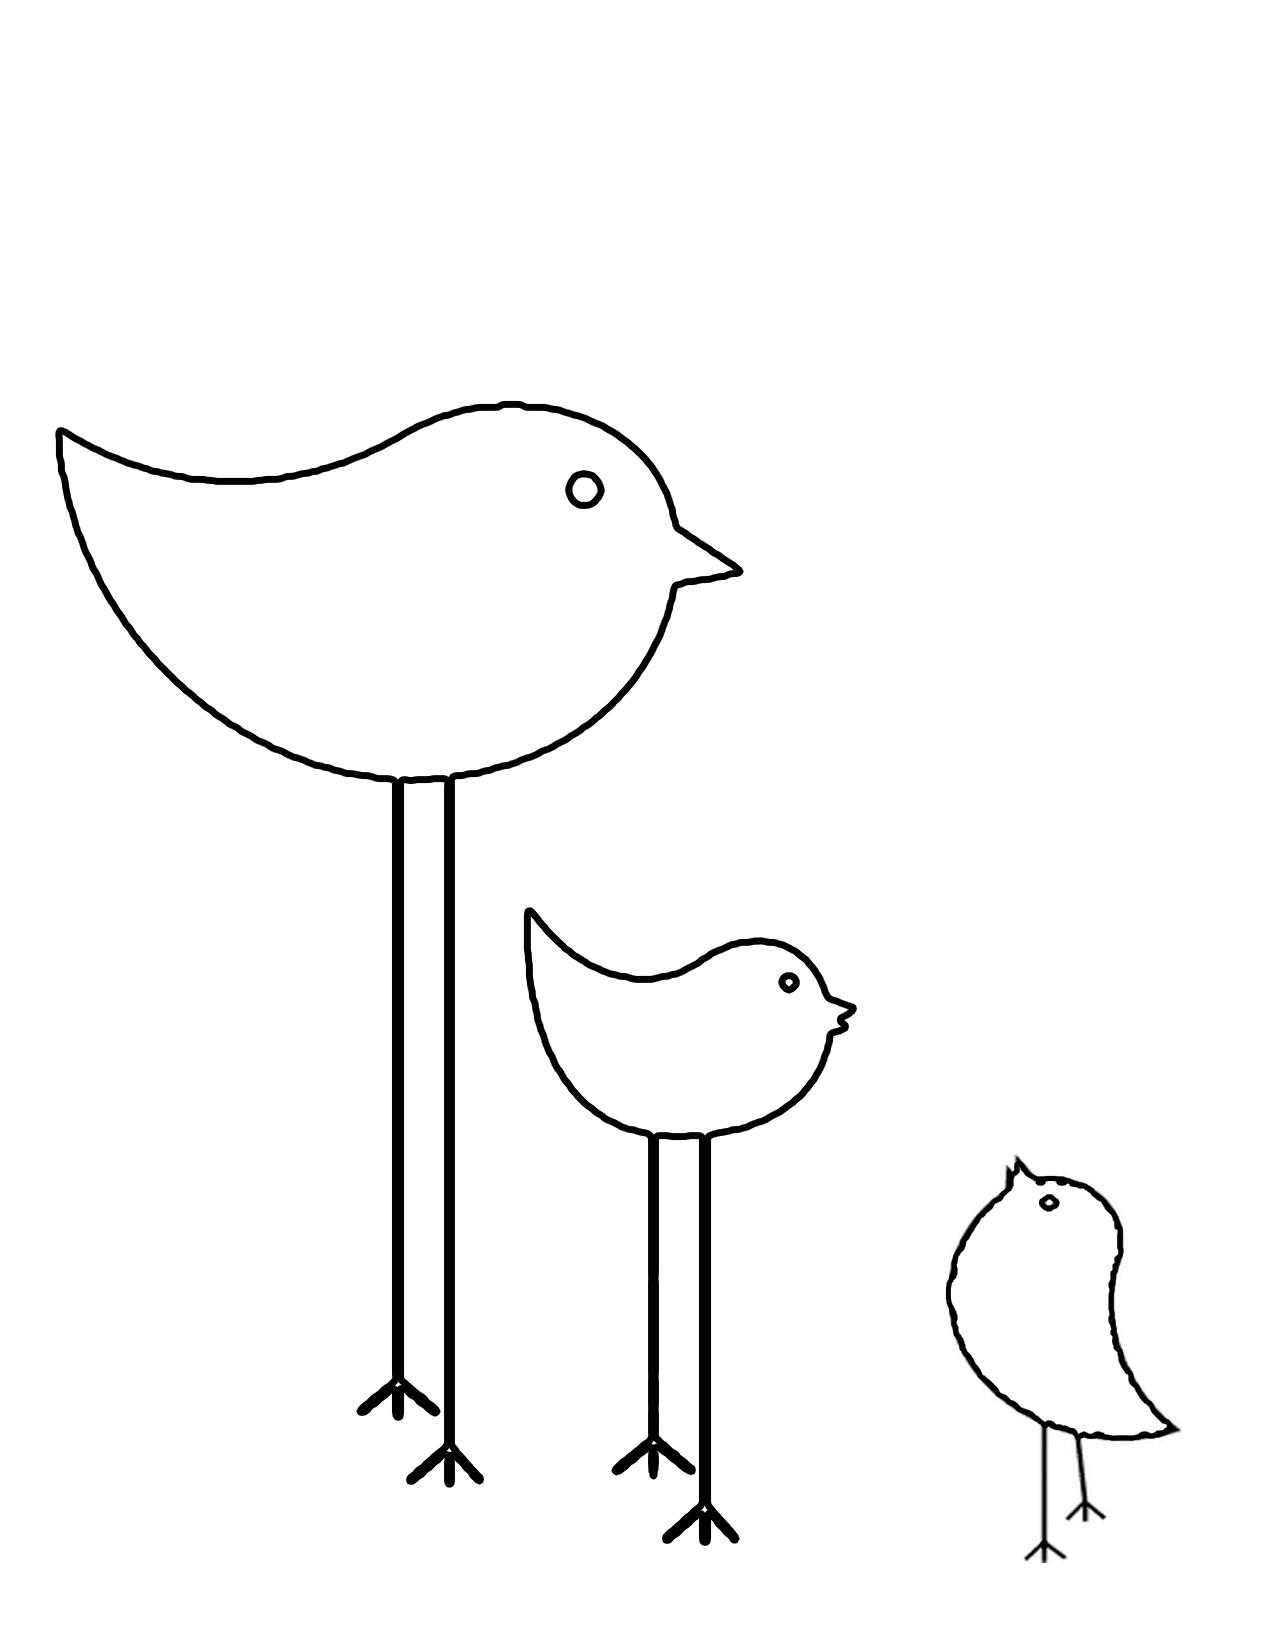 Chics Png 1 275 1 650 Pixels Bird Coloring Pages Applique Pattern Crazy Quilts [ 1650 x 1275 Pixel ]